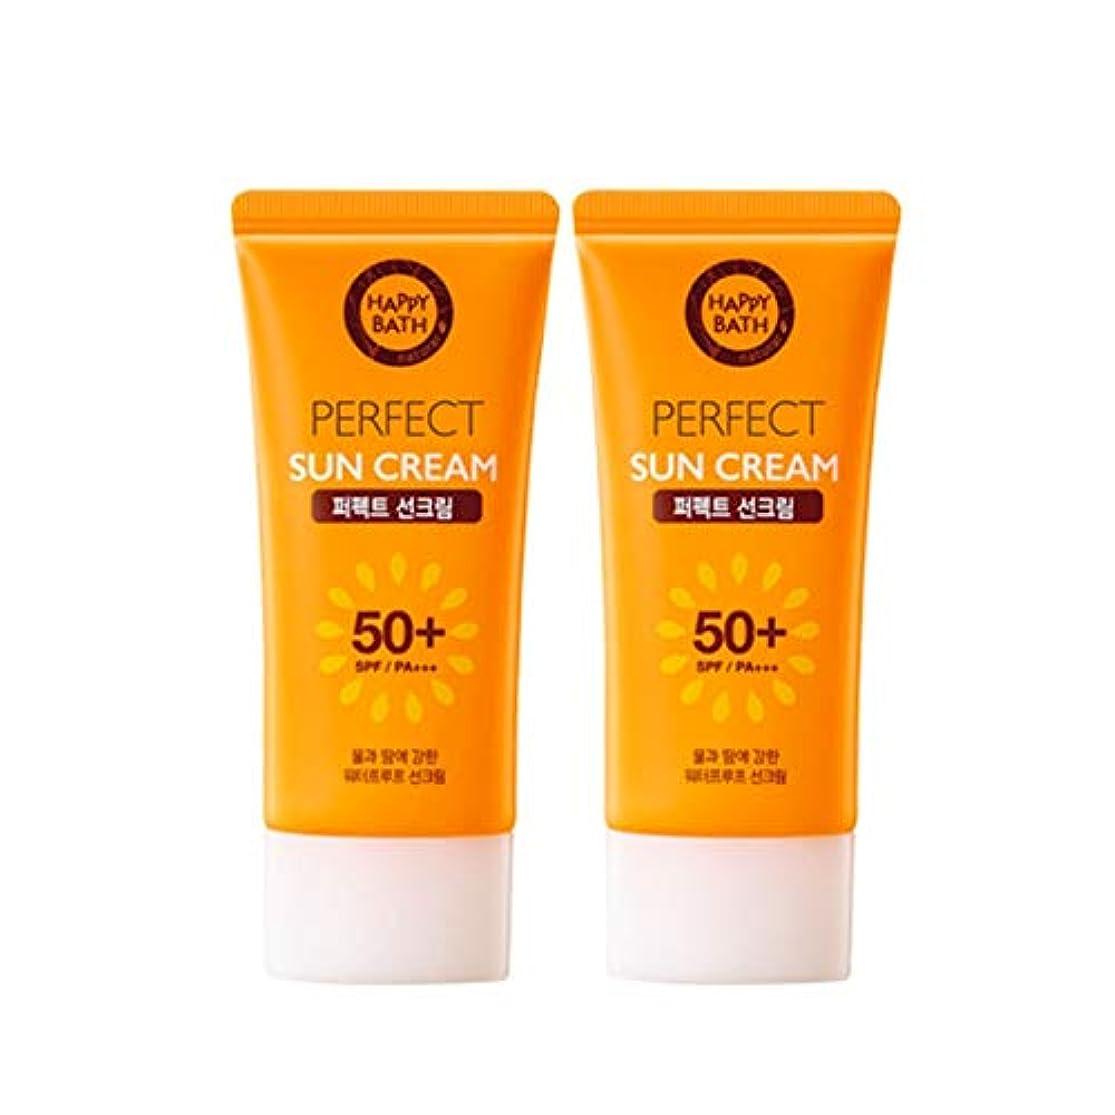 へこみモッキンバードサドルハッピーバスパーフェクトサンクリーム 80gx2本セット韓国コスメ、Happy Bath Perfect Sun Cream 80g x 2ea Set Korean Cosmetics [並行輸入品]